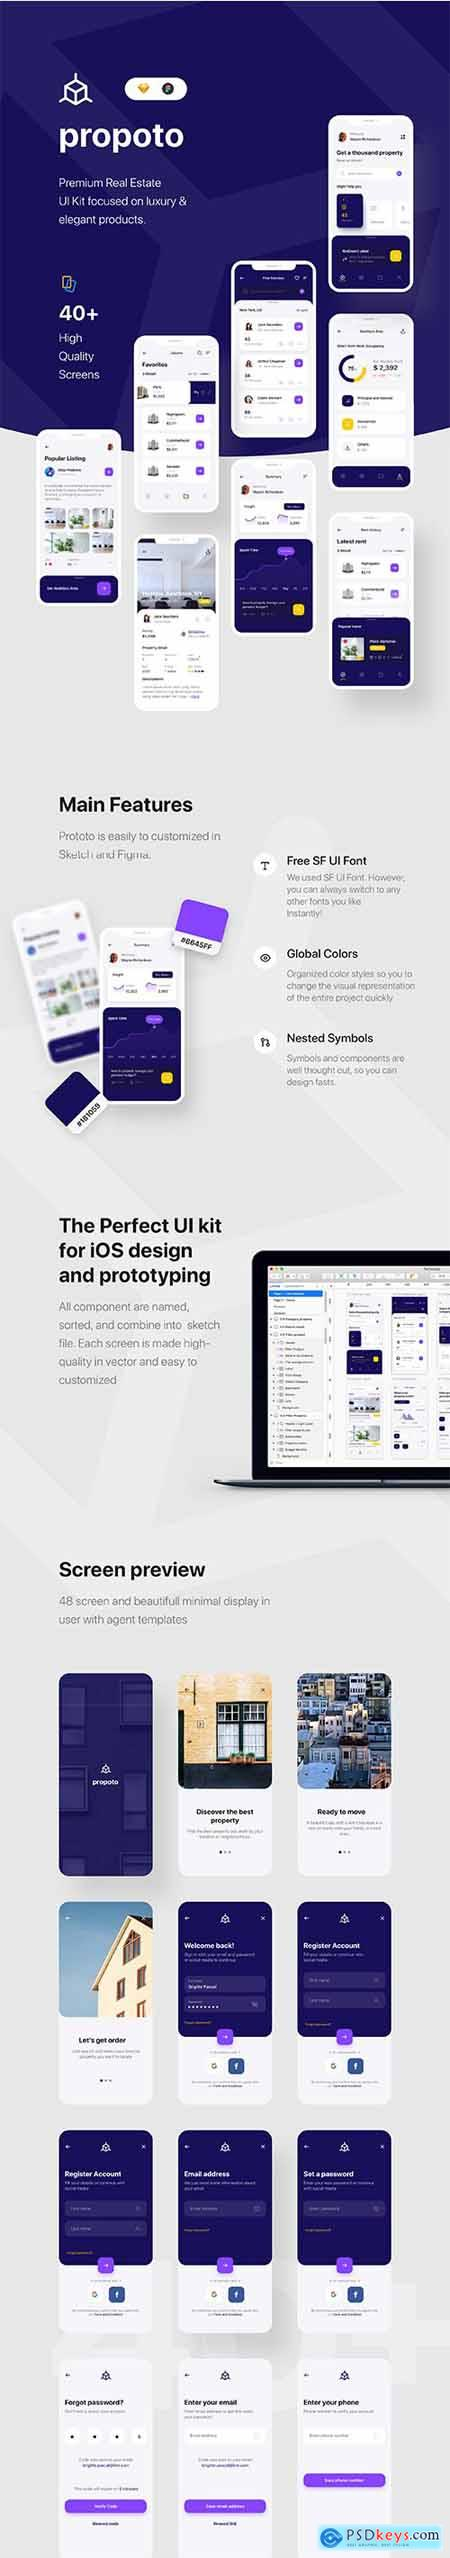 Propoto UI Kit